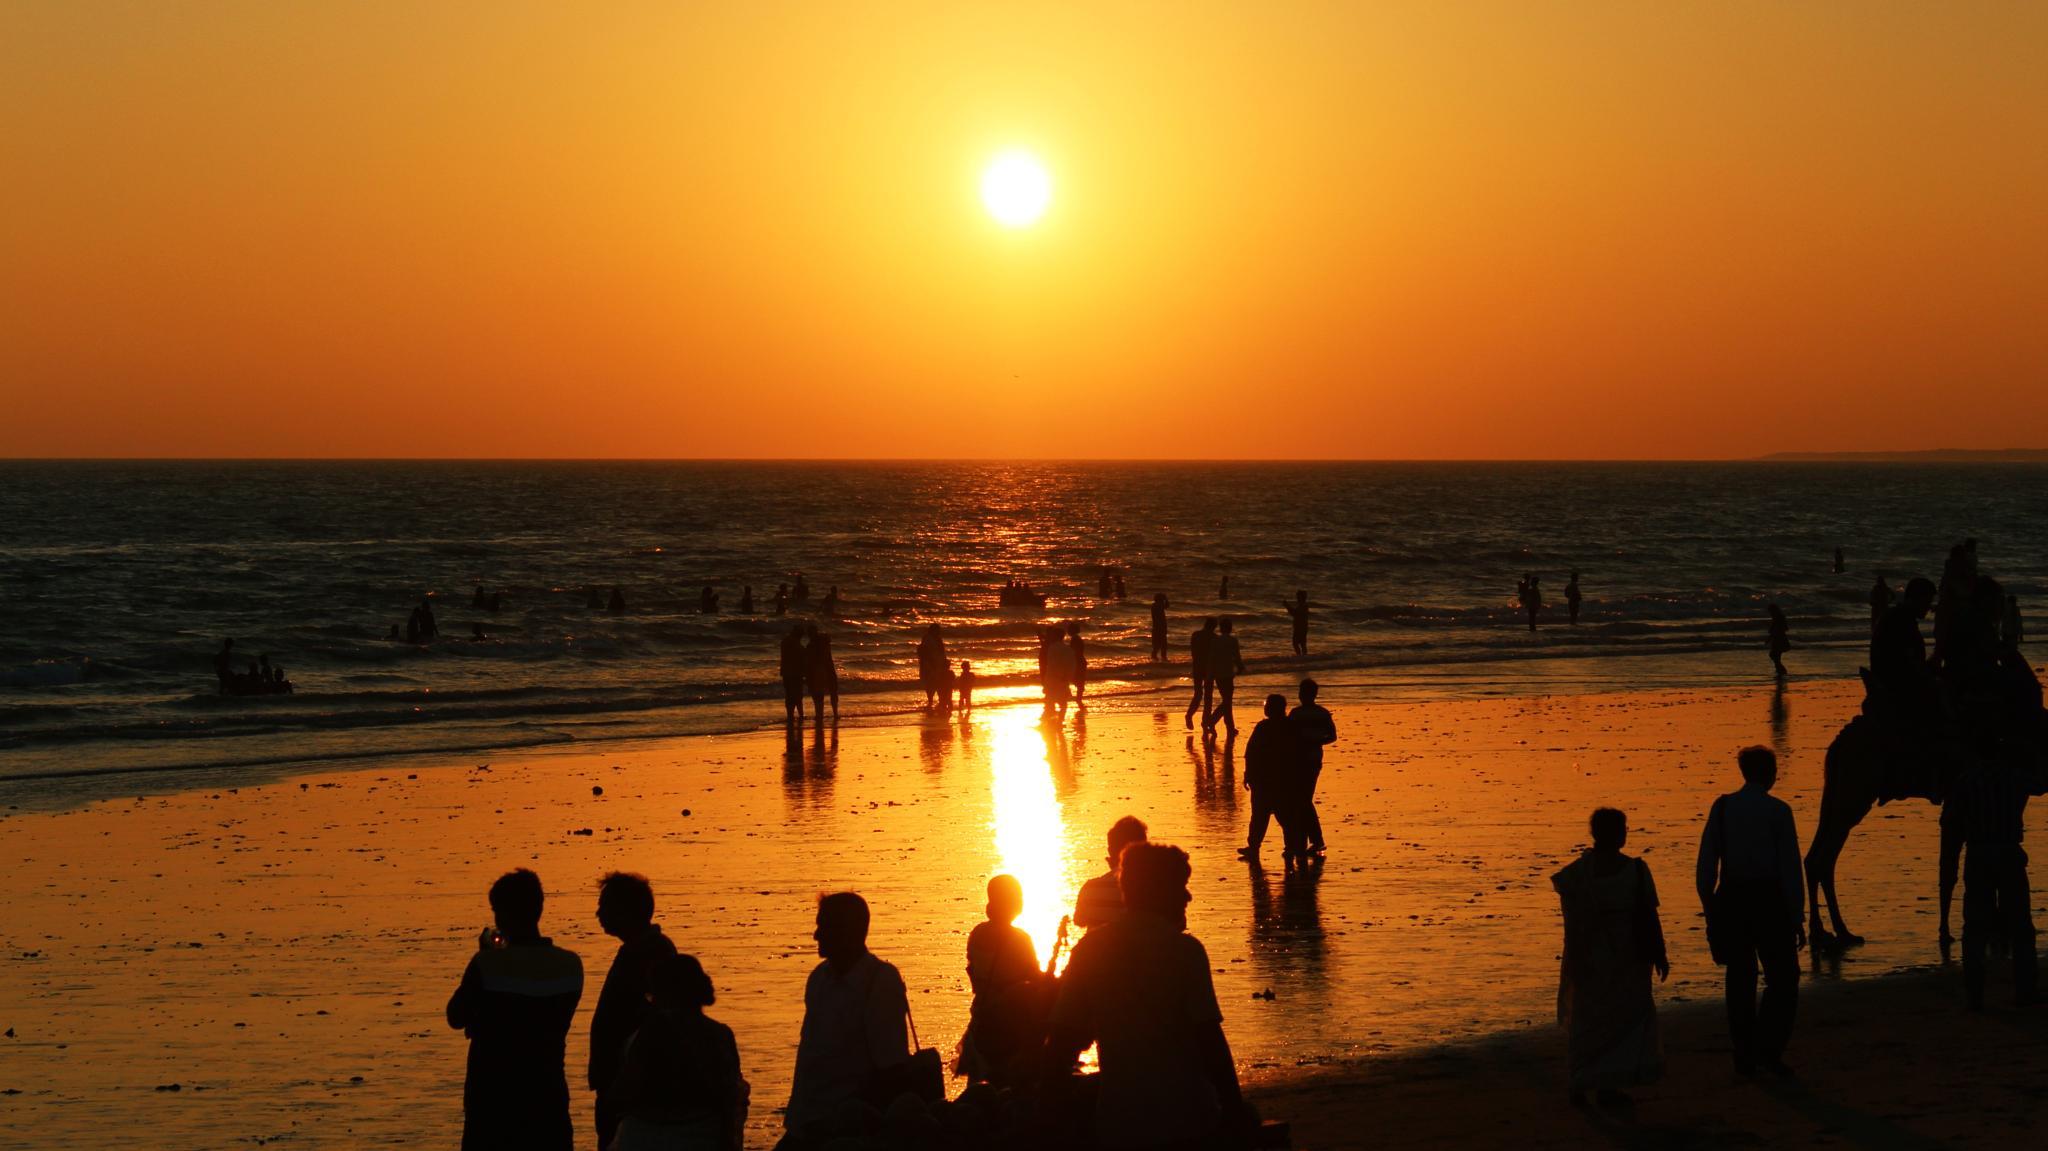 Mandvi Beach by Abhishek Sarkar